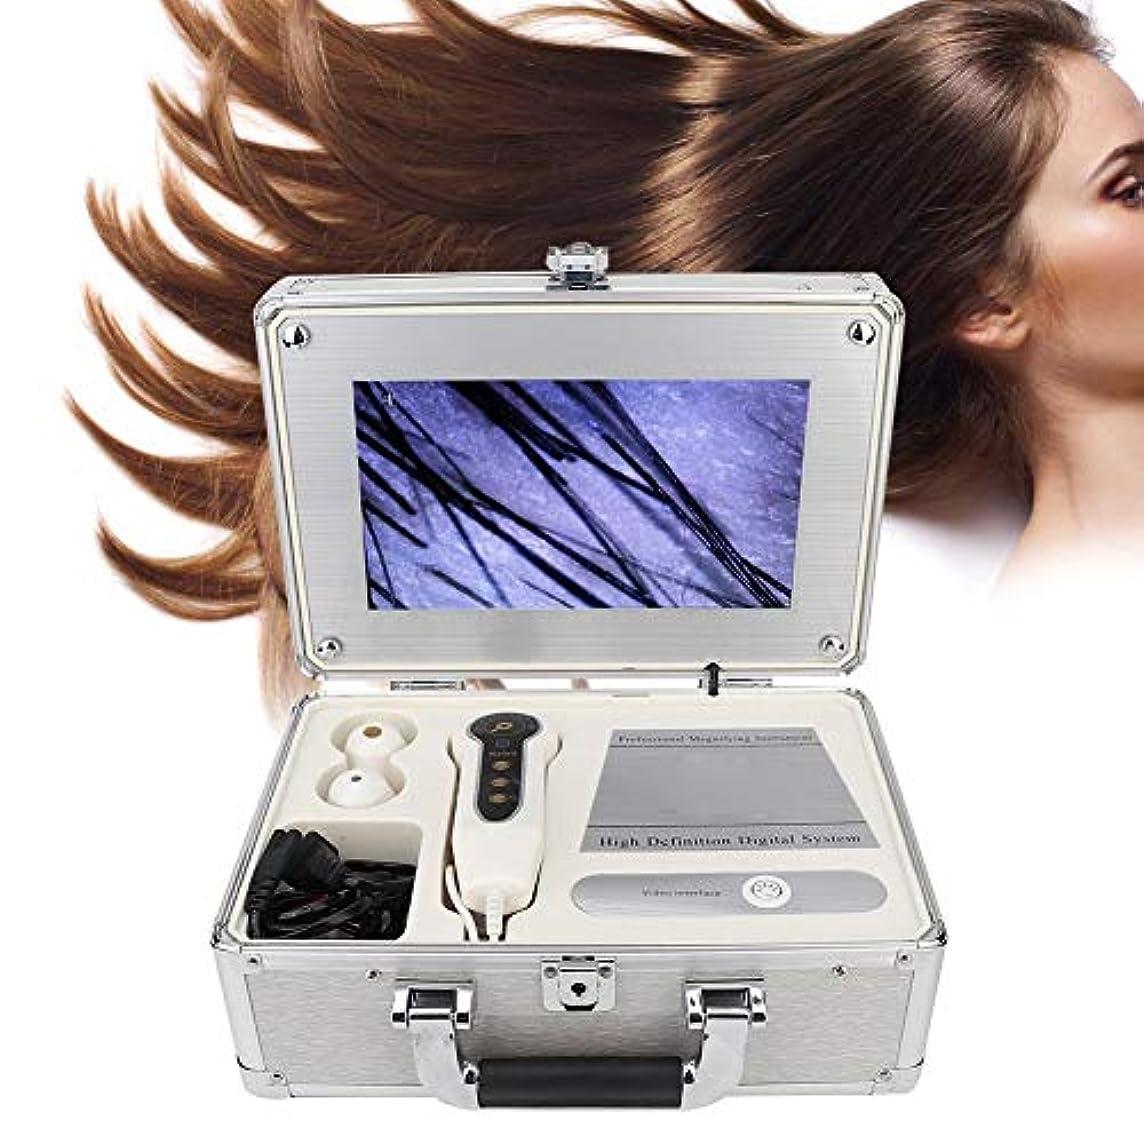 氏ベアリングサークルクラッシュ皮膚頭皮検出器、10.1インチボックス型毛包顔面皮膚アナライザープロの顕微鏡皮膚健康マシンツール(#1)